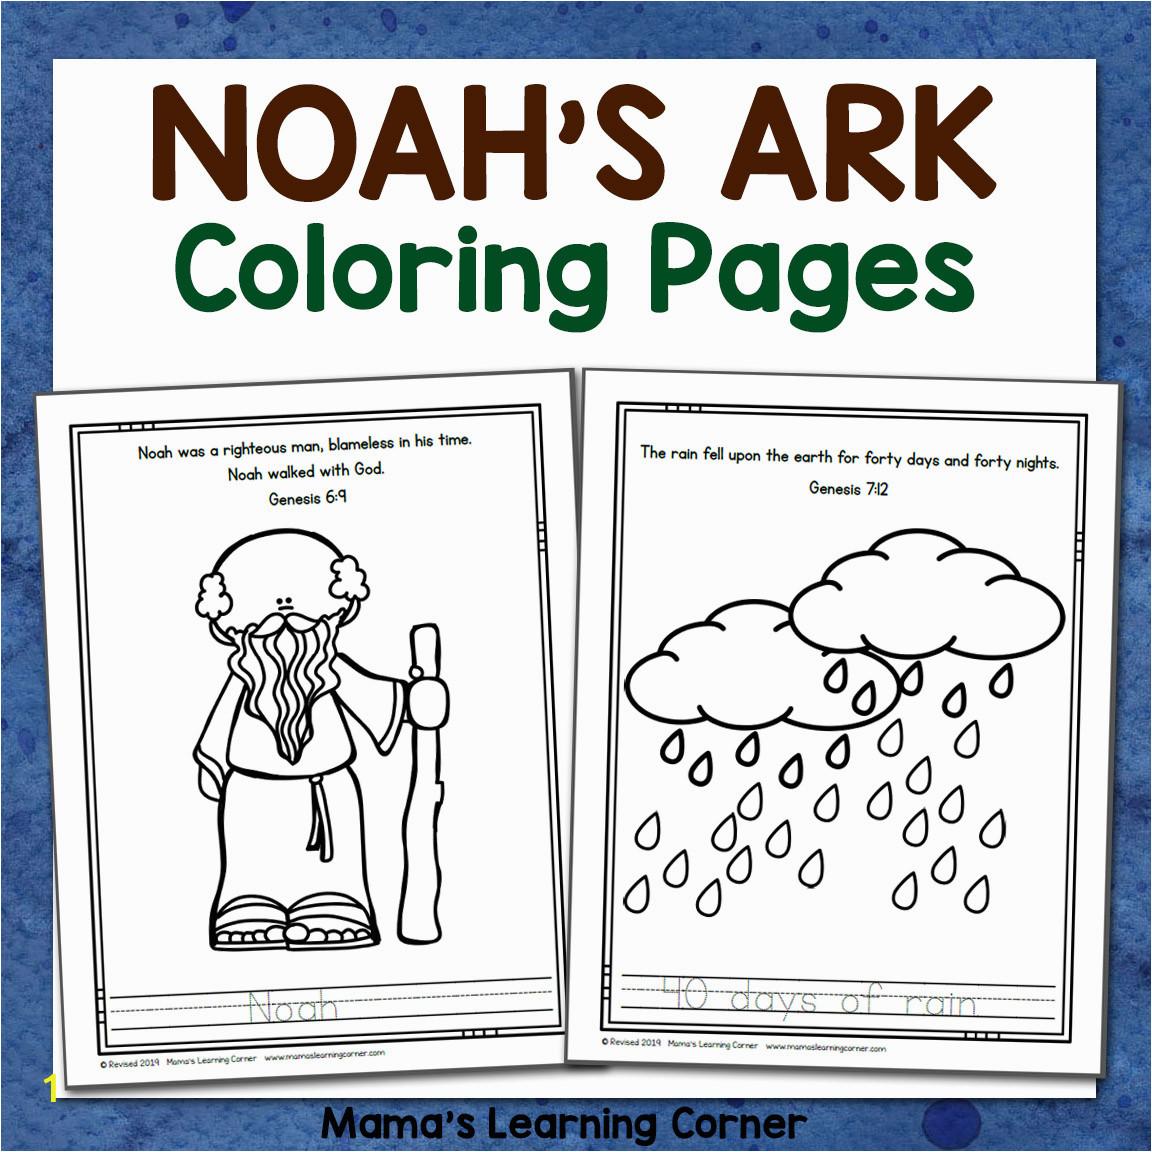 Noahs Ark Coloring Pages 8x8